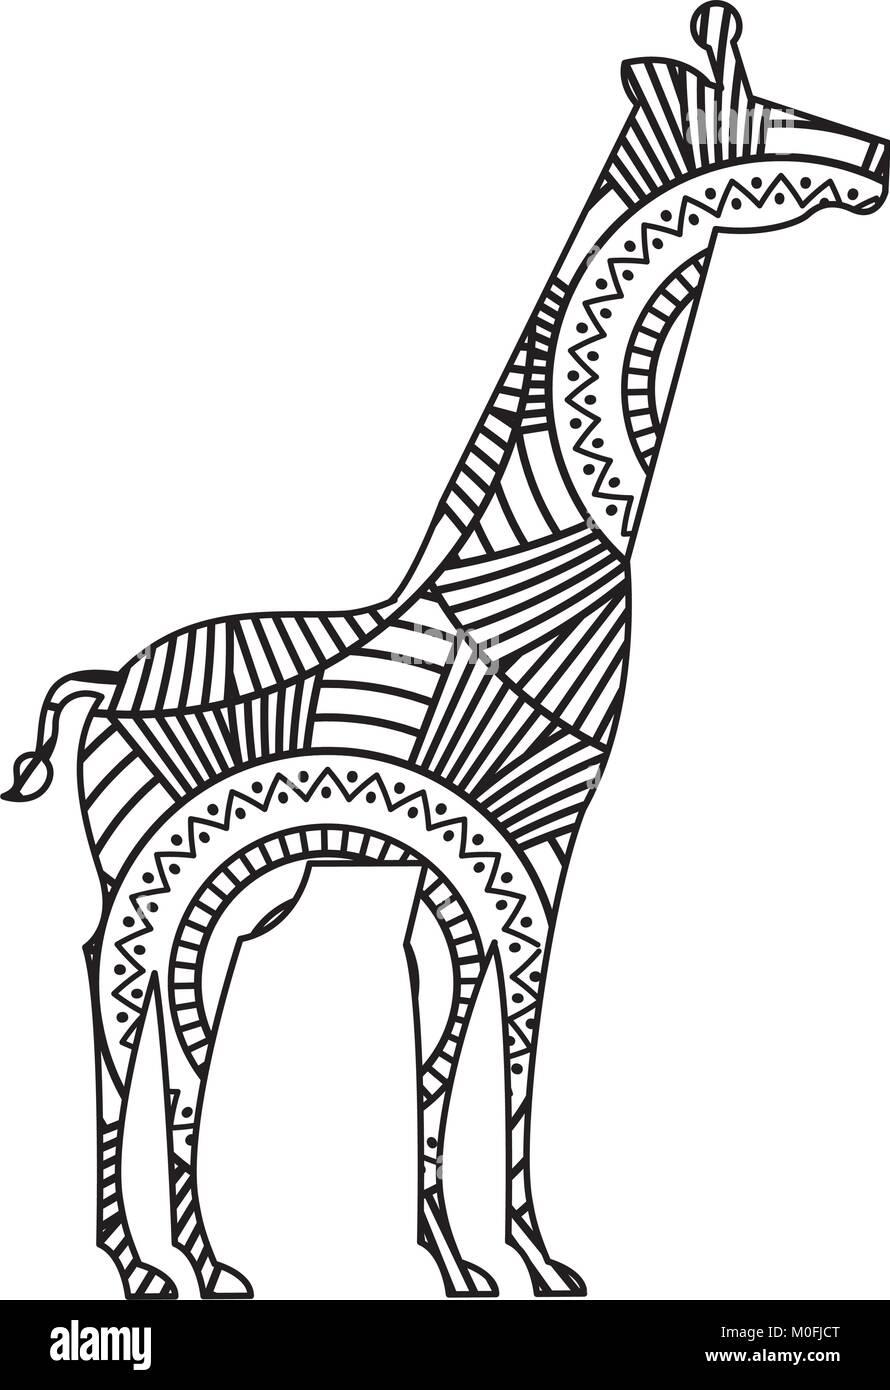 Dibujadas a mano para adultos páginas para colorear con jirafas ...